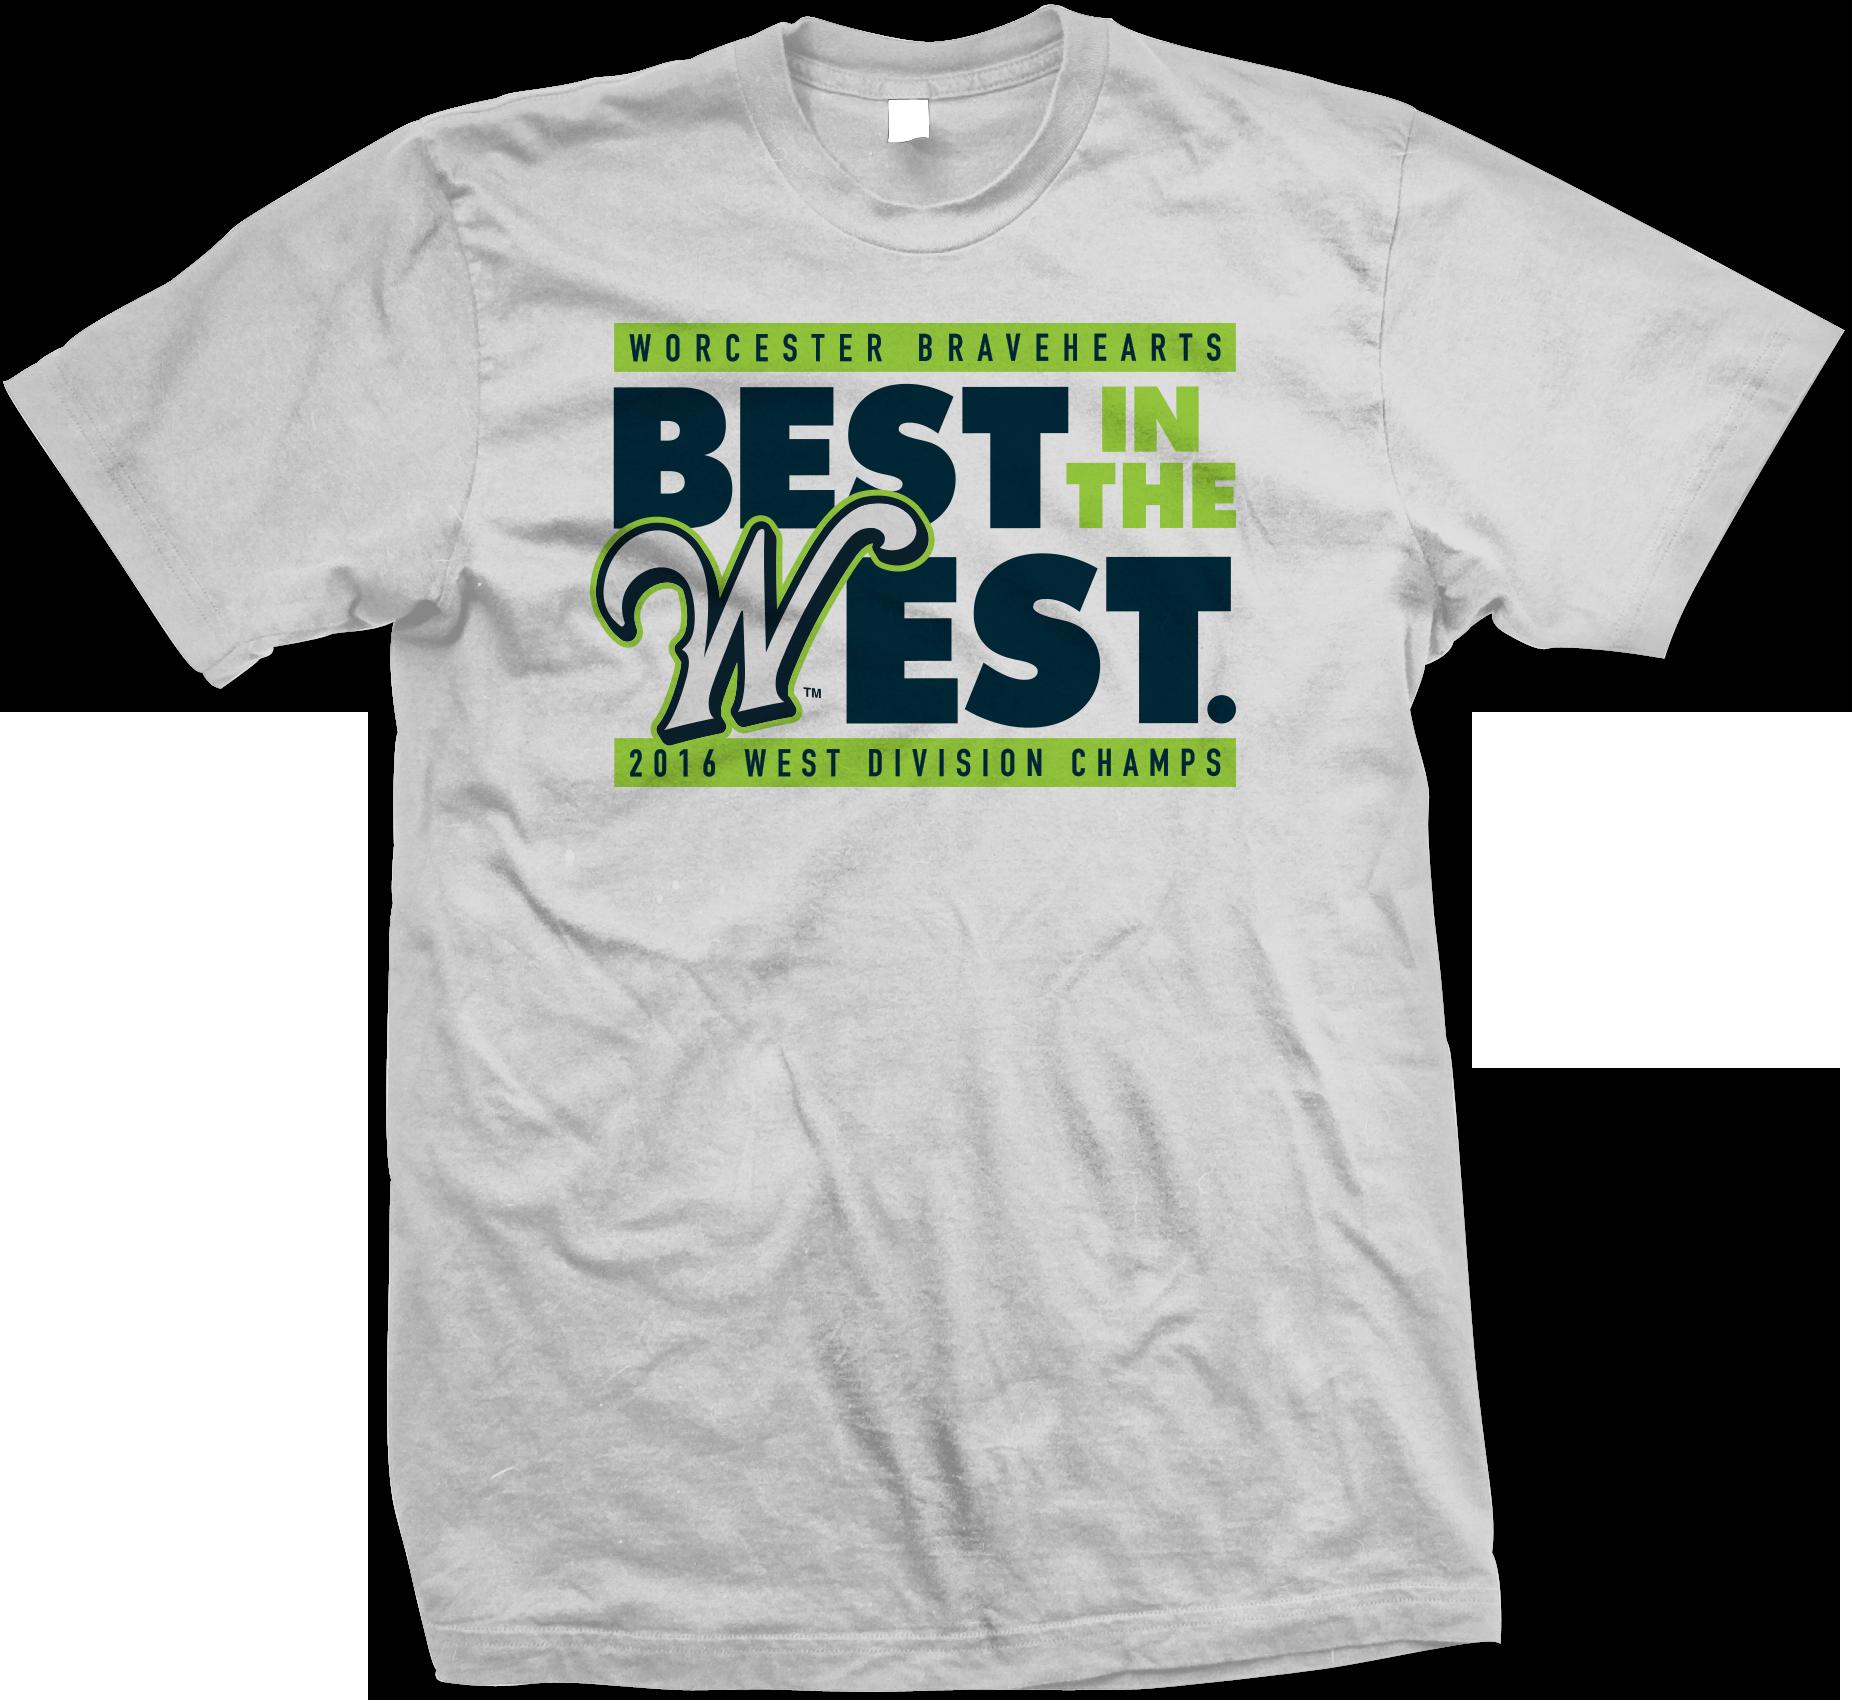 WB_BestofWest_01.png